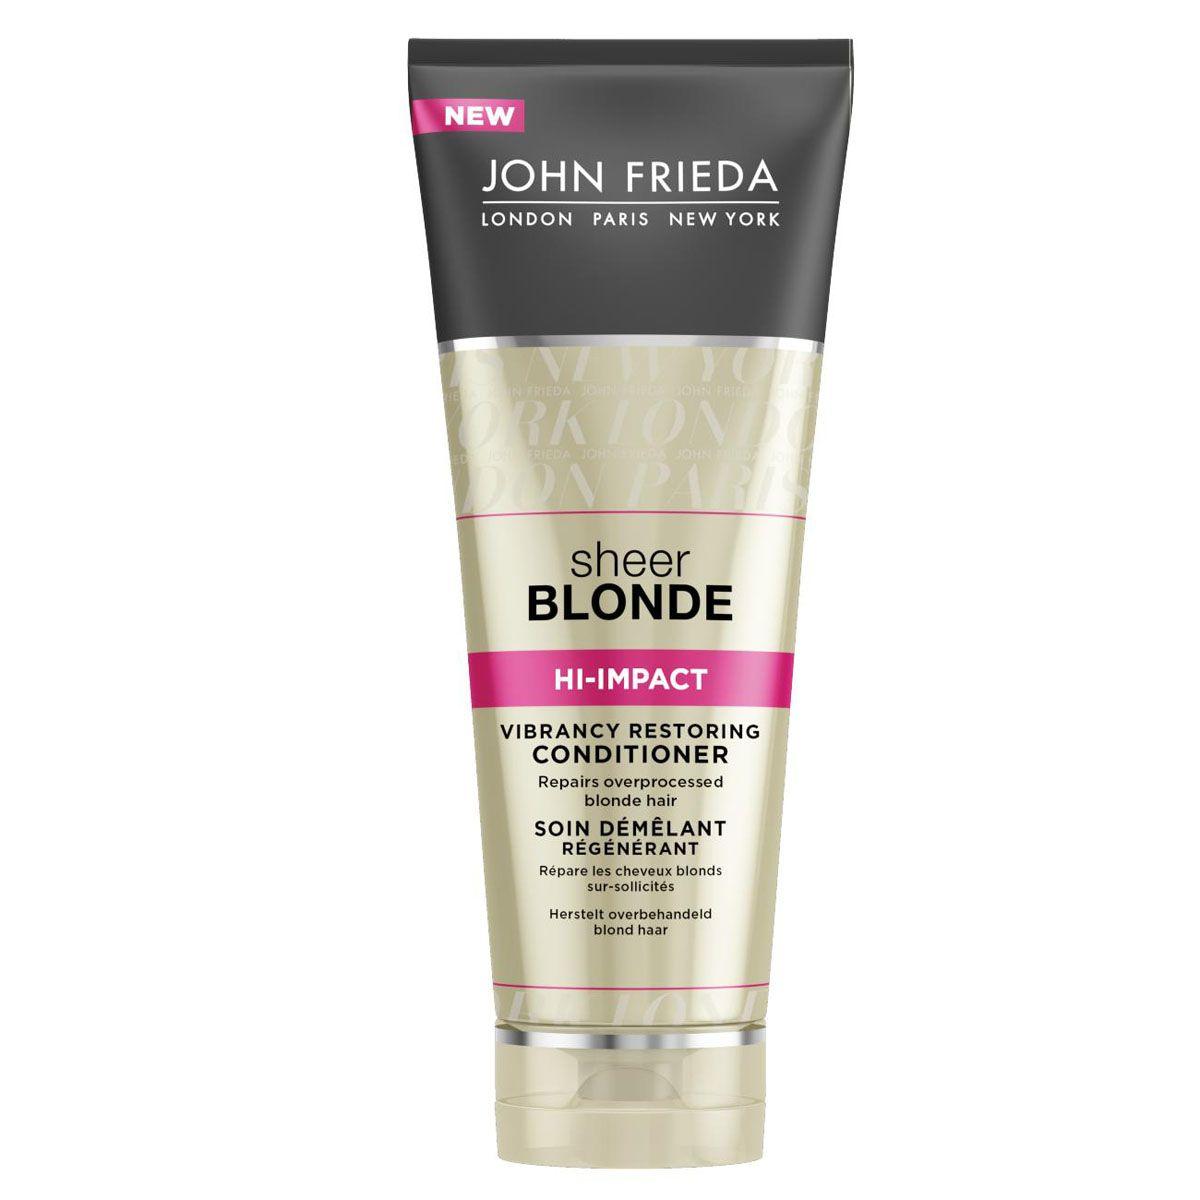 John Frieda Восстанавливающий кондиционер для сильно поврежденных волос Sheer Blonde HI-IMPACT 250 млjf213220Реставрирует сильно поврежденные светлые волосы. Реанимирует и восстанавливает истонченные сильно поврежденные светлые волосы, возвращает им здоровый блеск и эластичность. Восстанавливающий кондиционер дополнительно увлажняет и питает ослабленные истонченные участки.